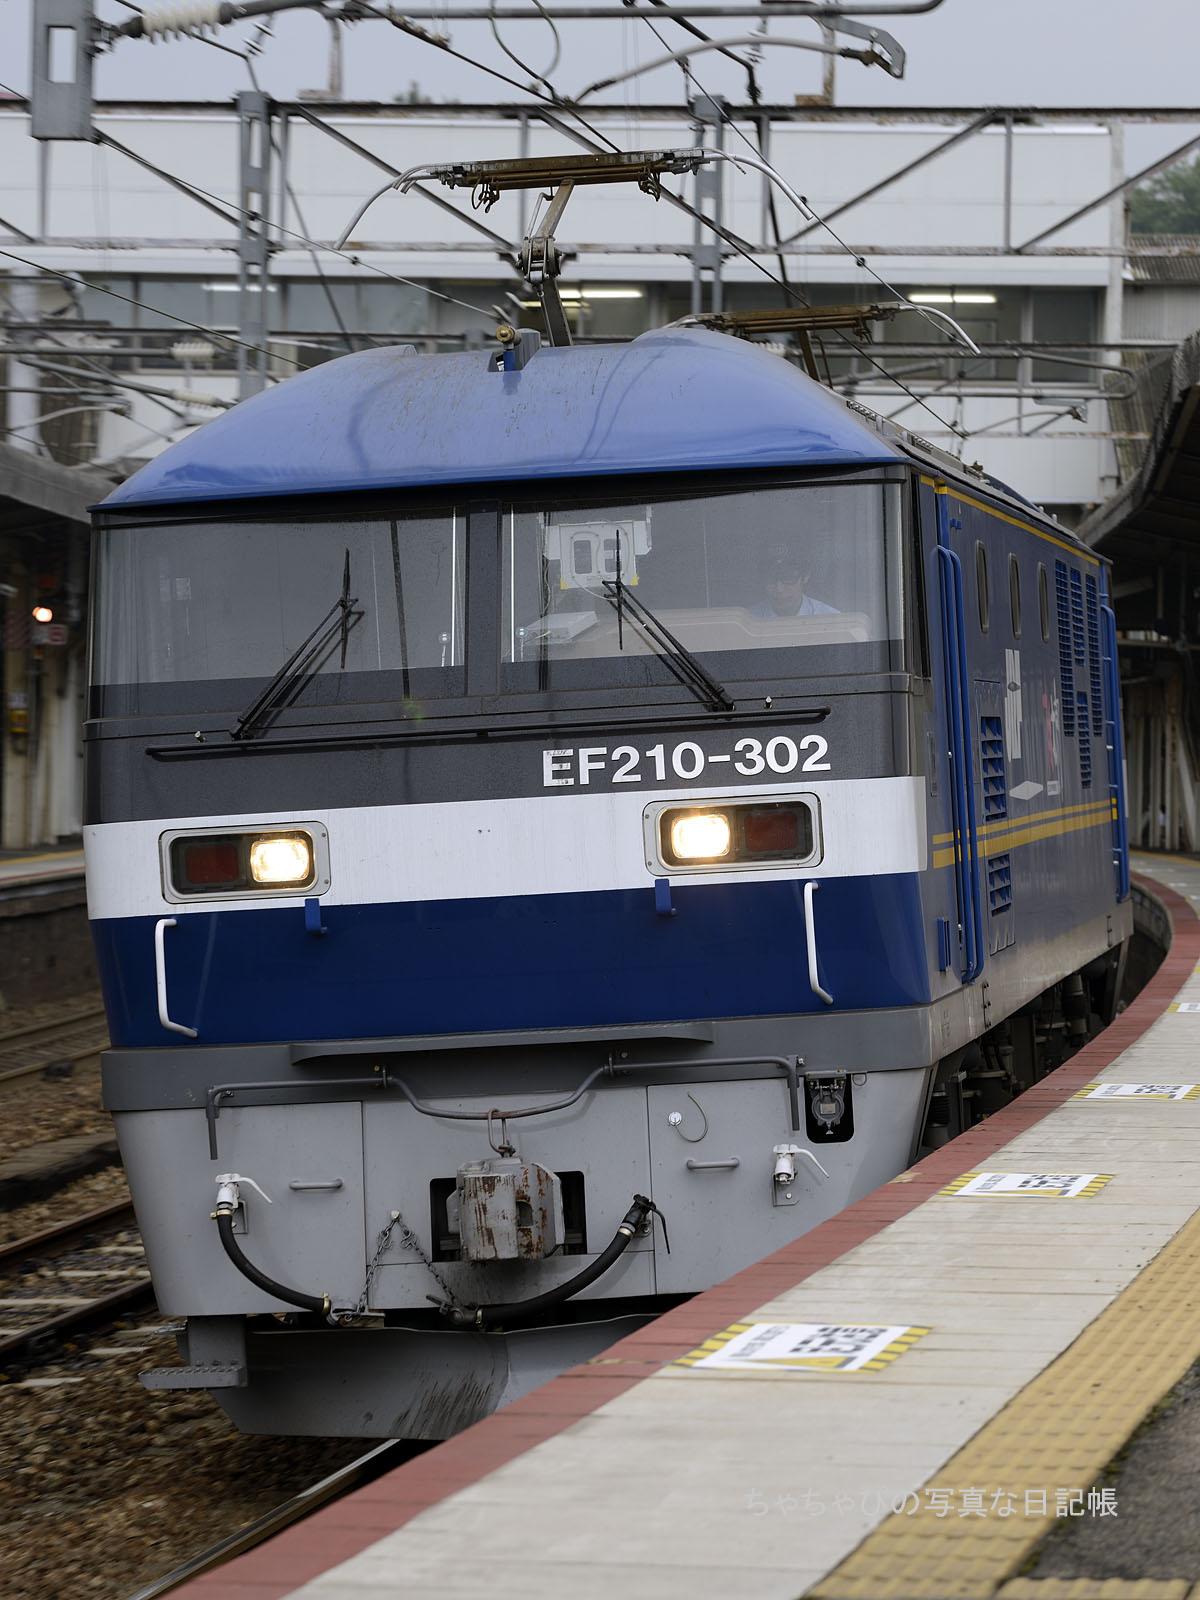 単581レ、EF210-302 八本松駅